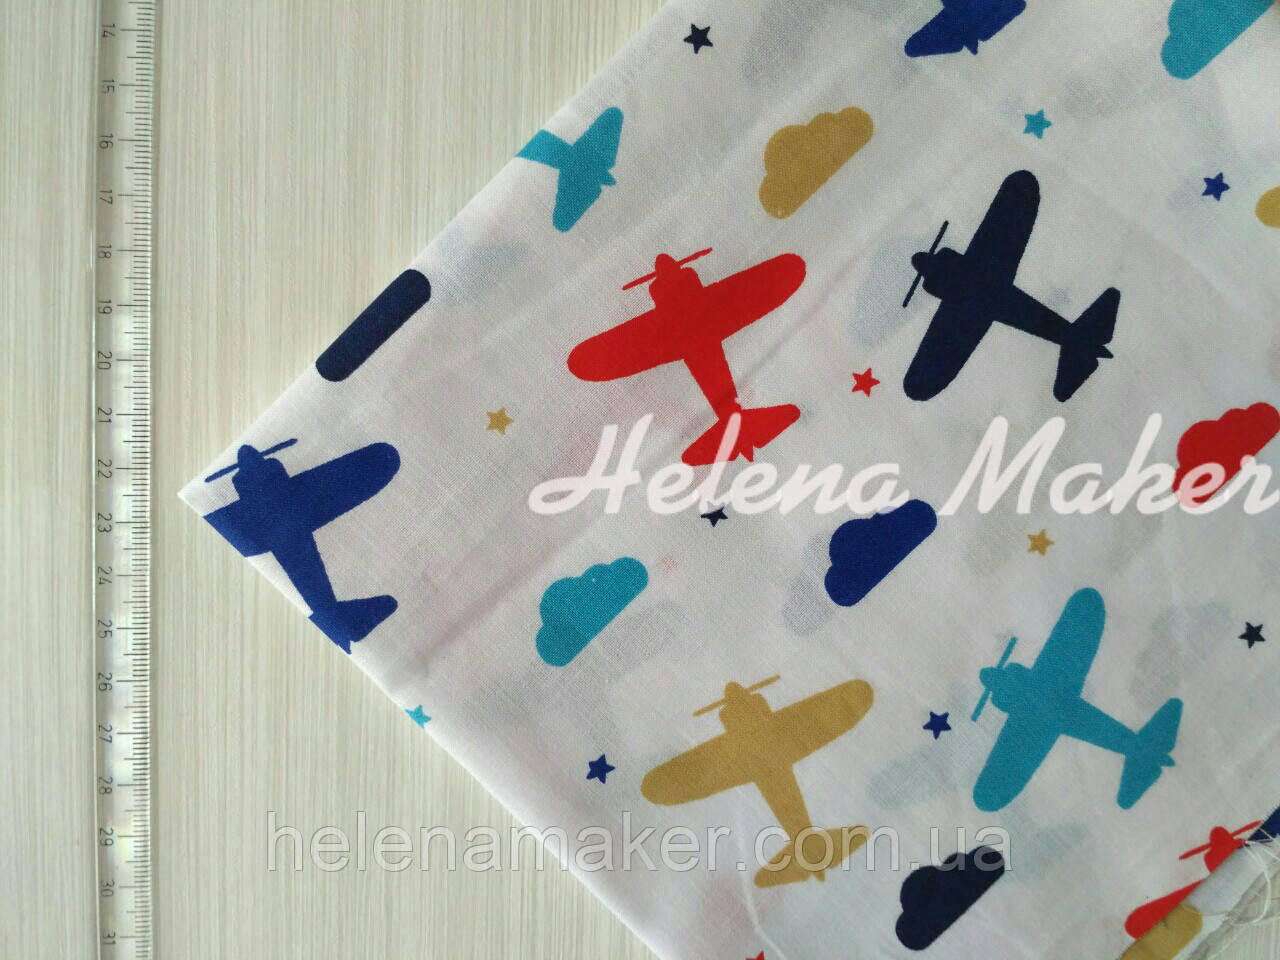 Ткань хлопковая самолетики 40*40 см